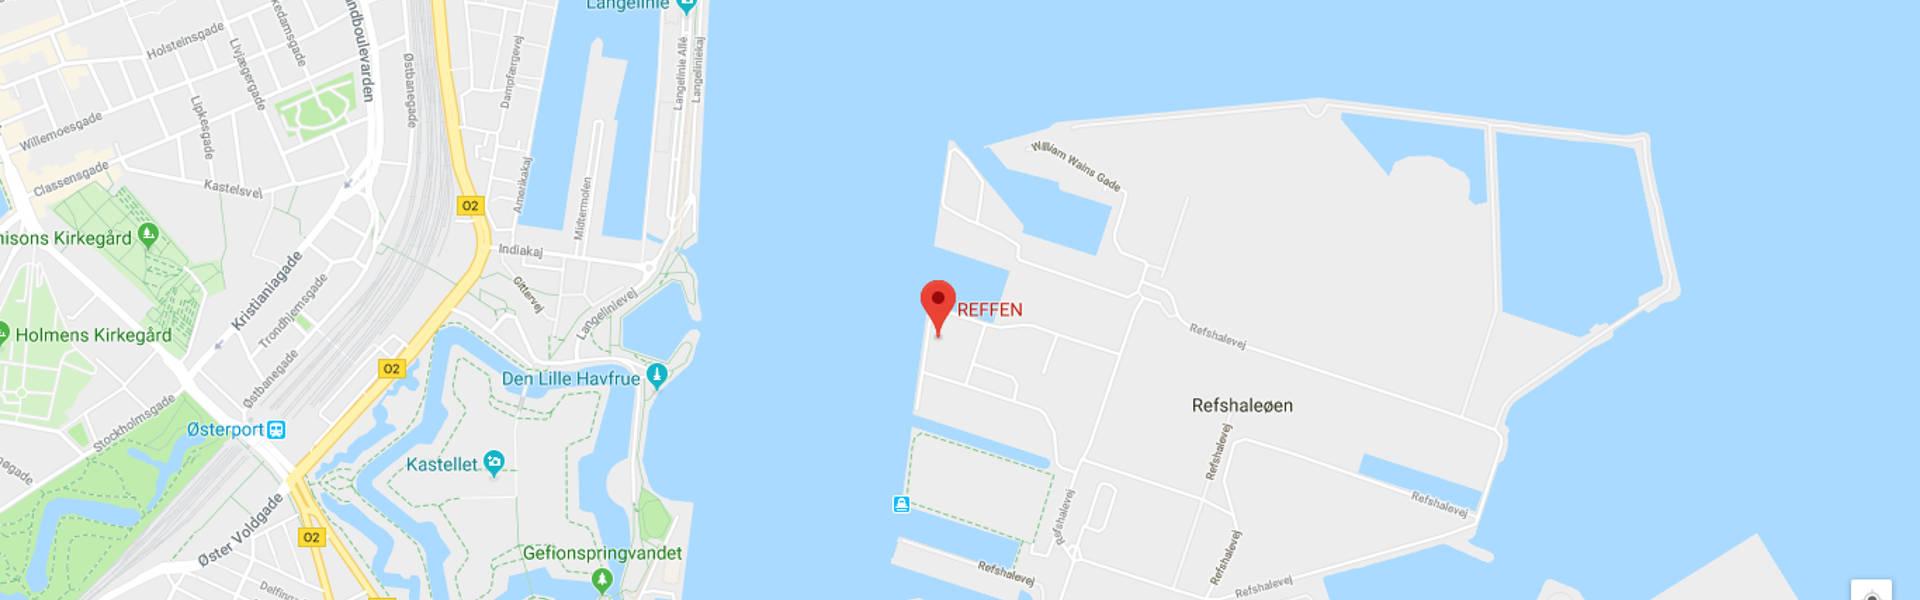 reffen-street-polenta-map